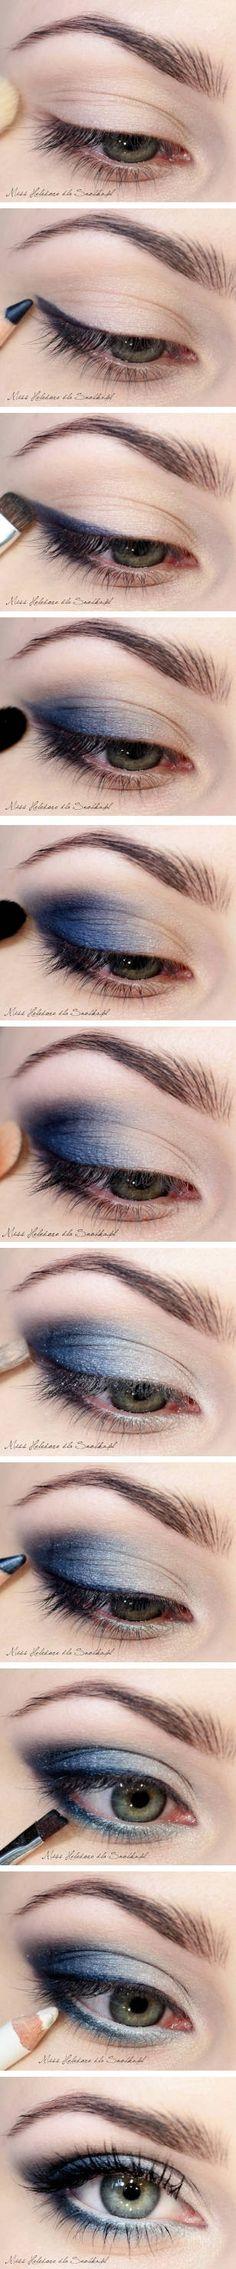 Paso a paso de makeup para ojos verdes